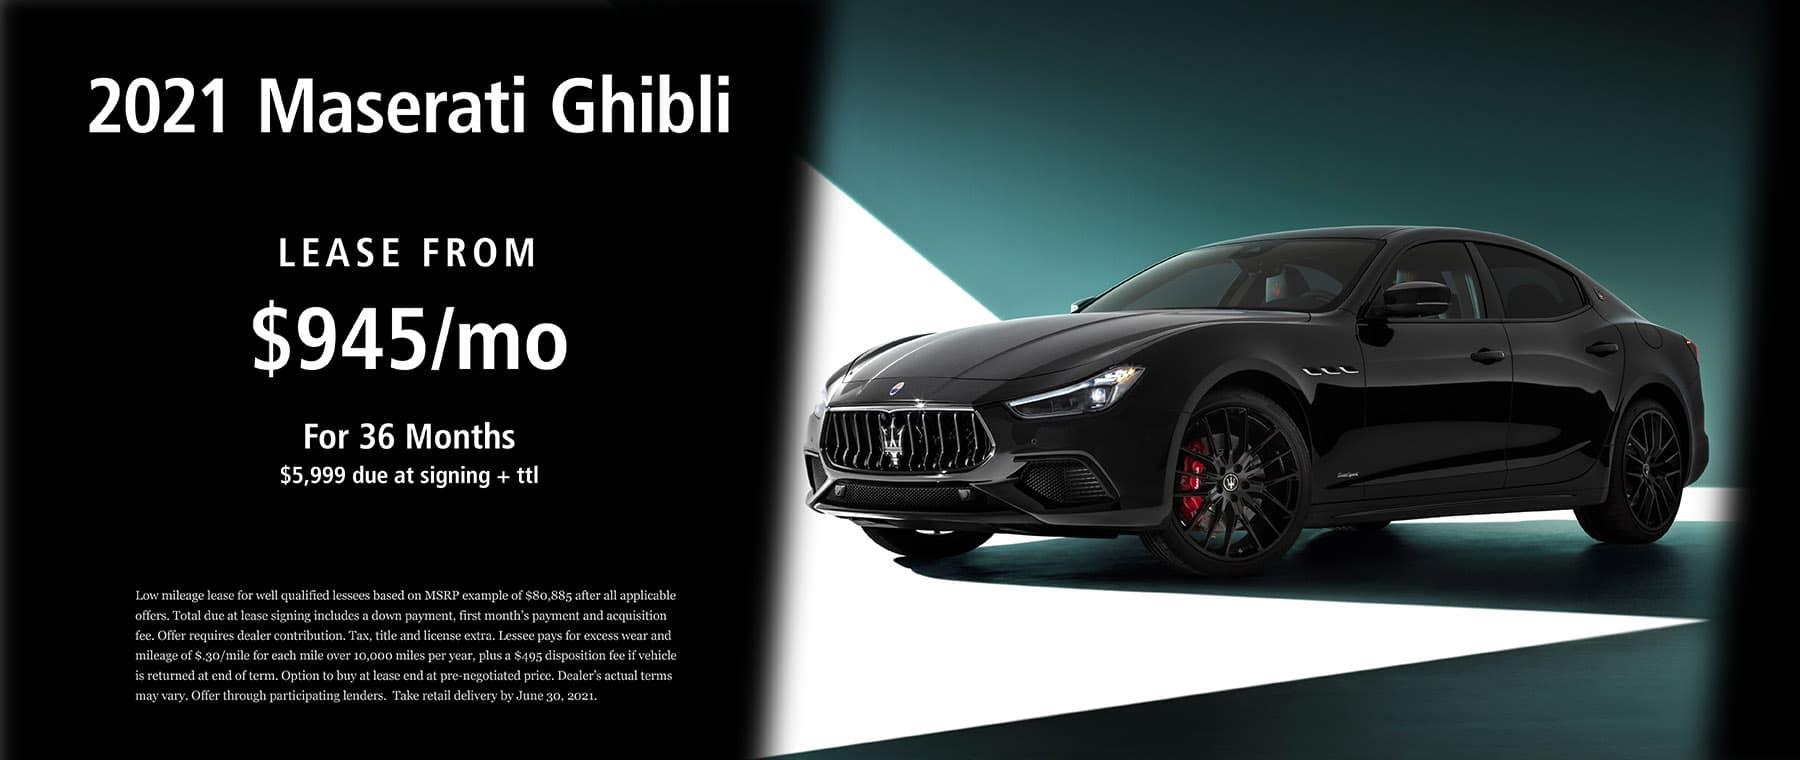 2021 Maserati Ghibli Lease